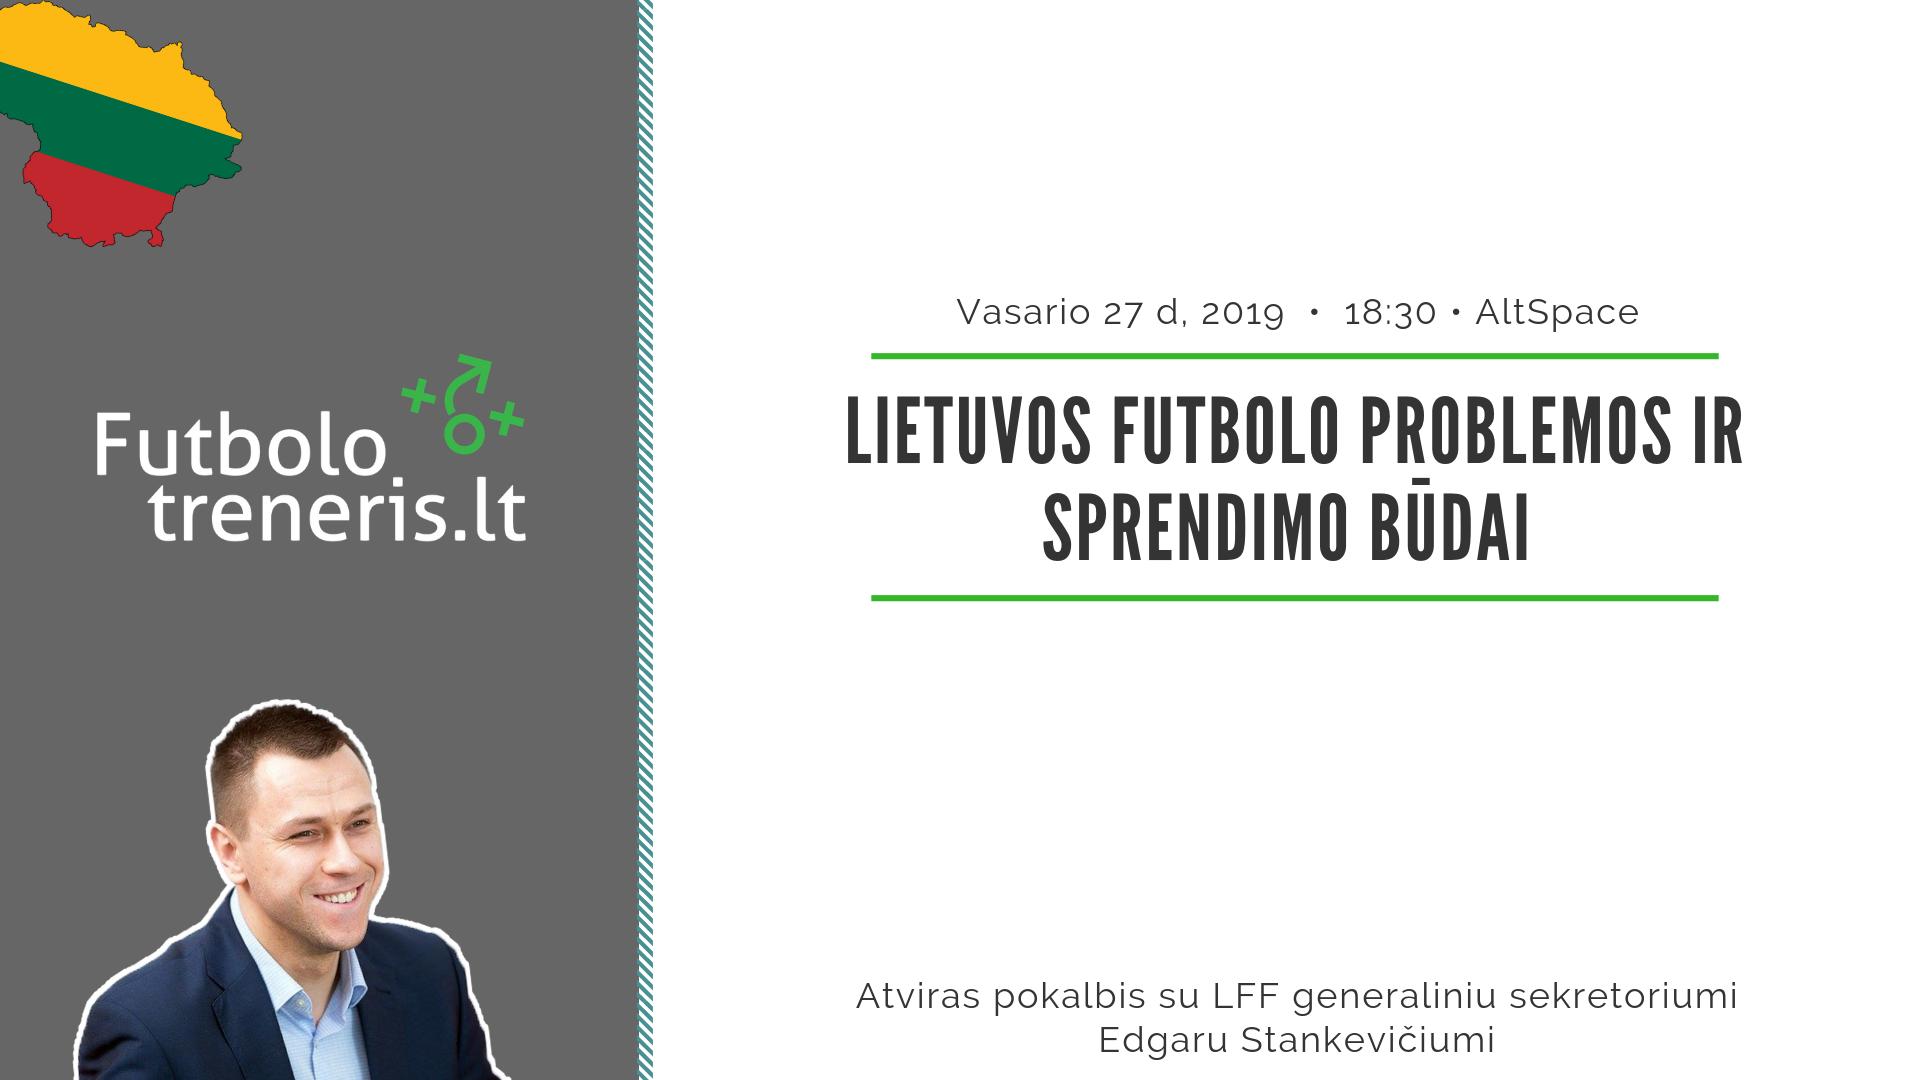 Edgaras Stankevičius LFF